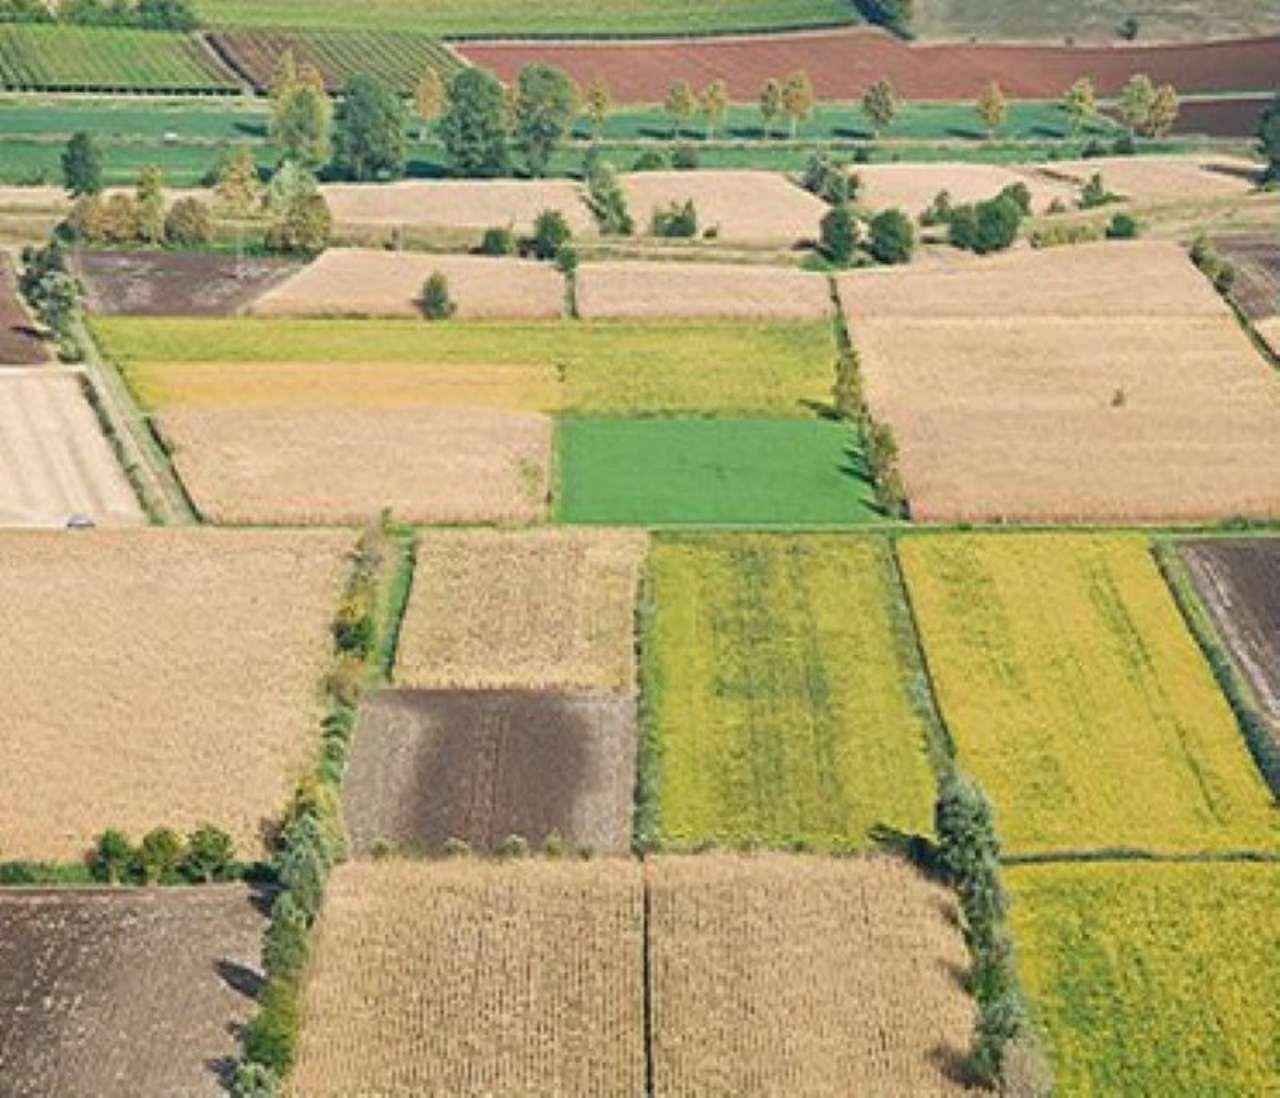 TERRENI AGRICOLI DI DIVERSA METRATURA E NATURA Rif. 6582607